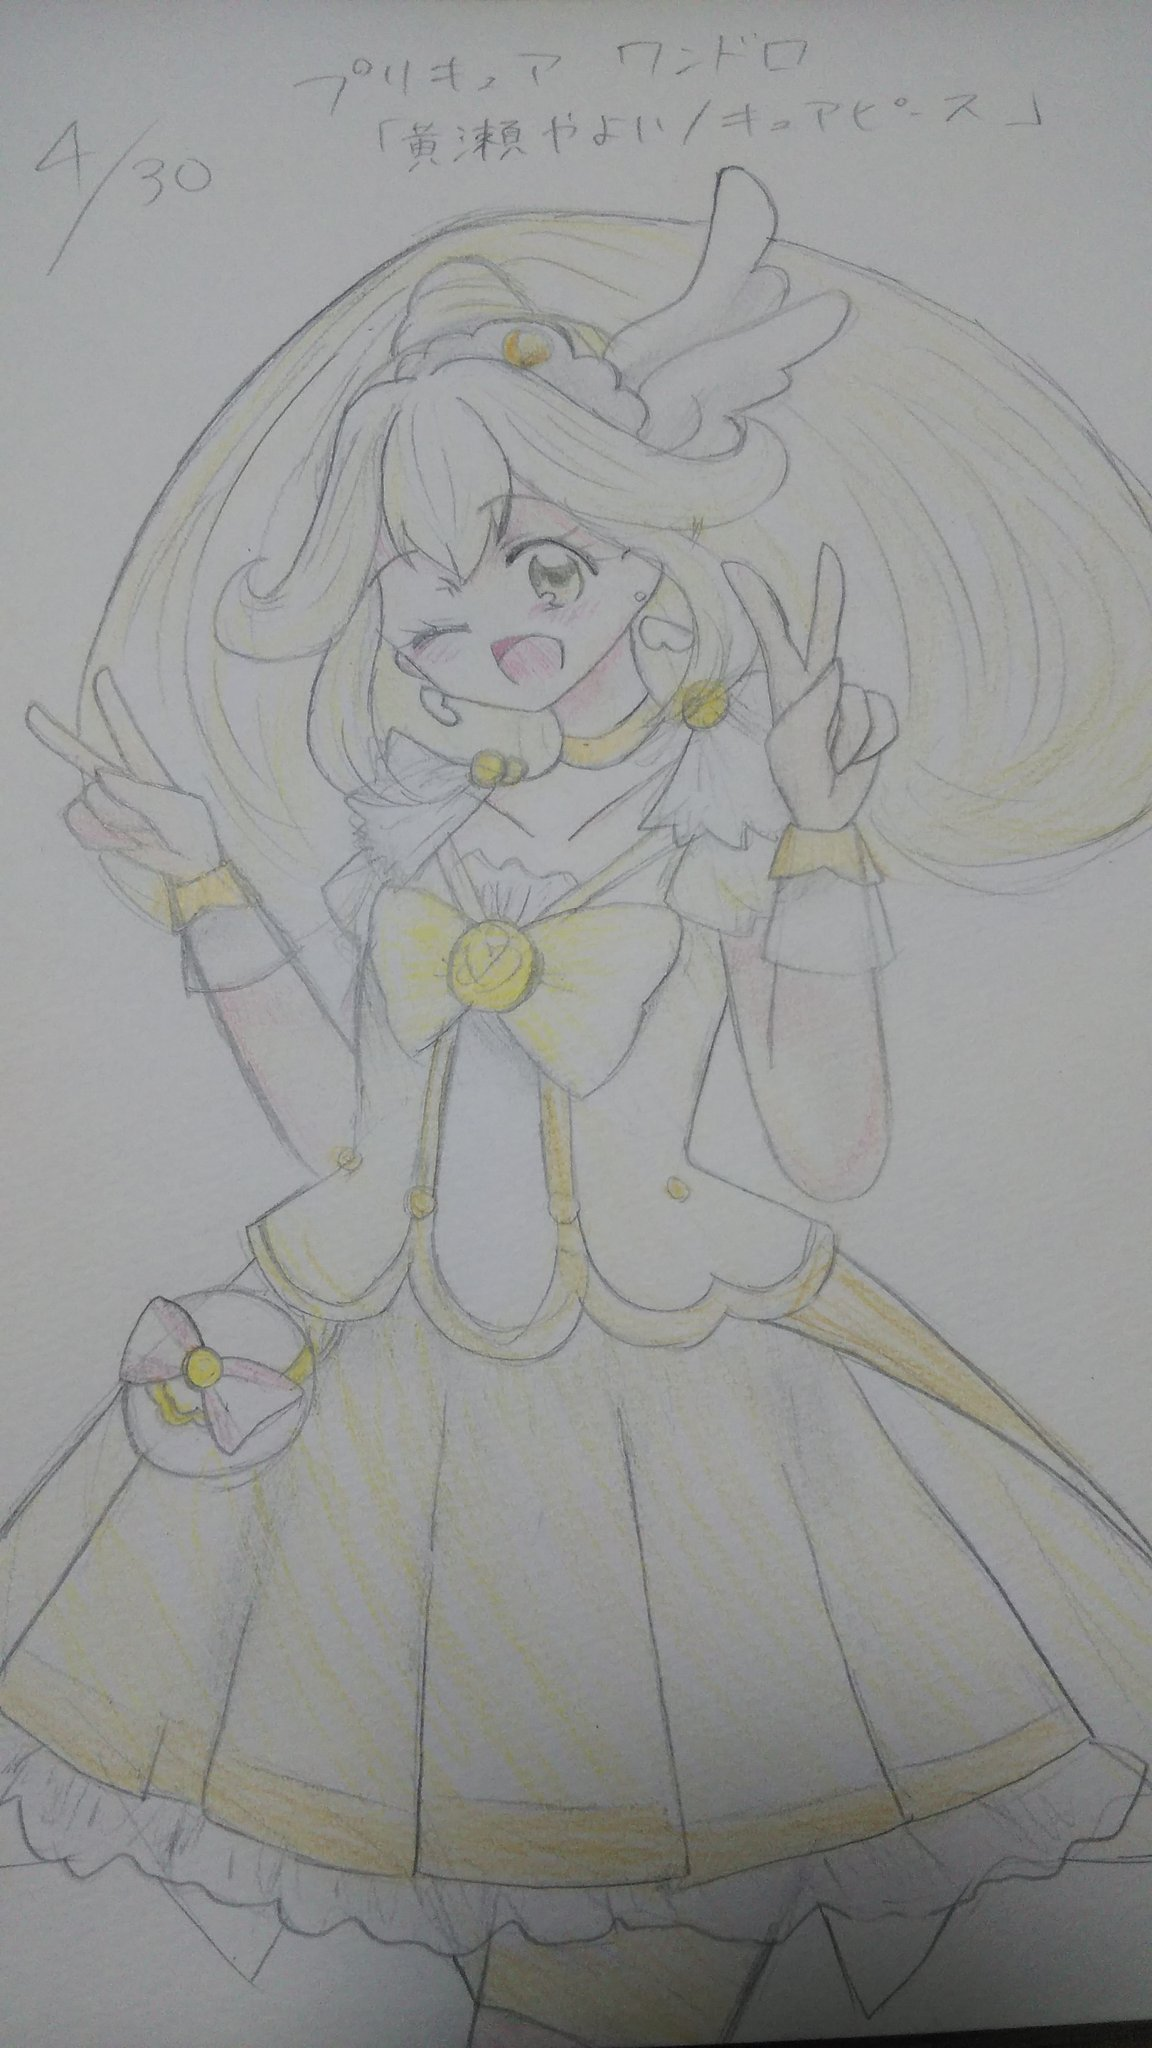 ゴマだれ三太郎 🎈🏧 (@gomadare_san)さんのイラスト